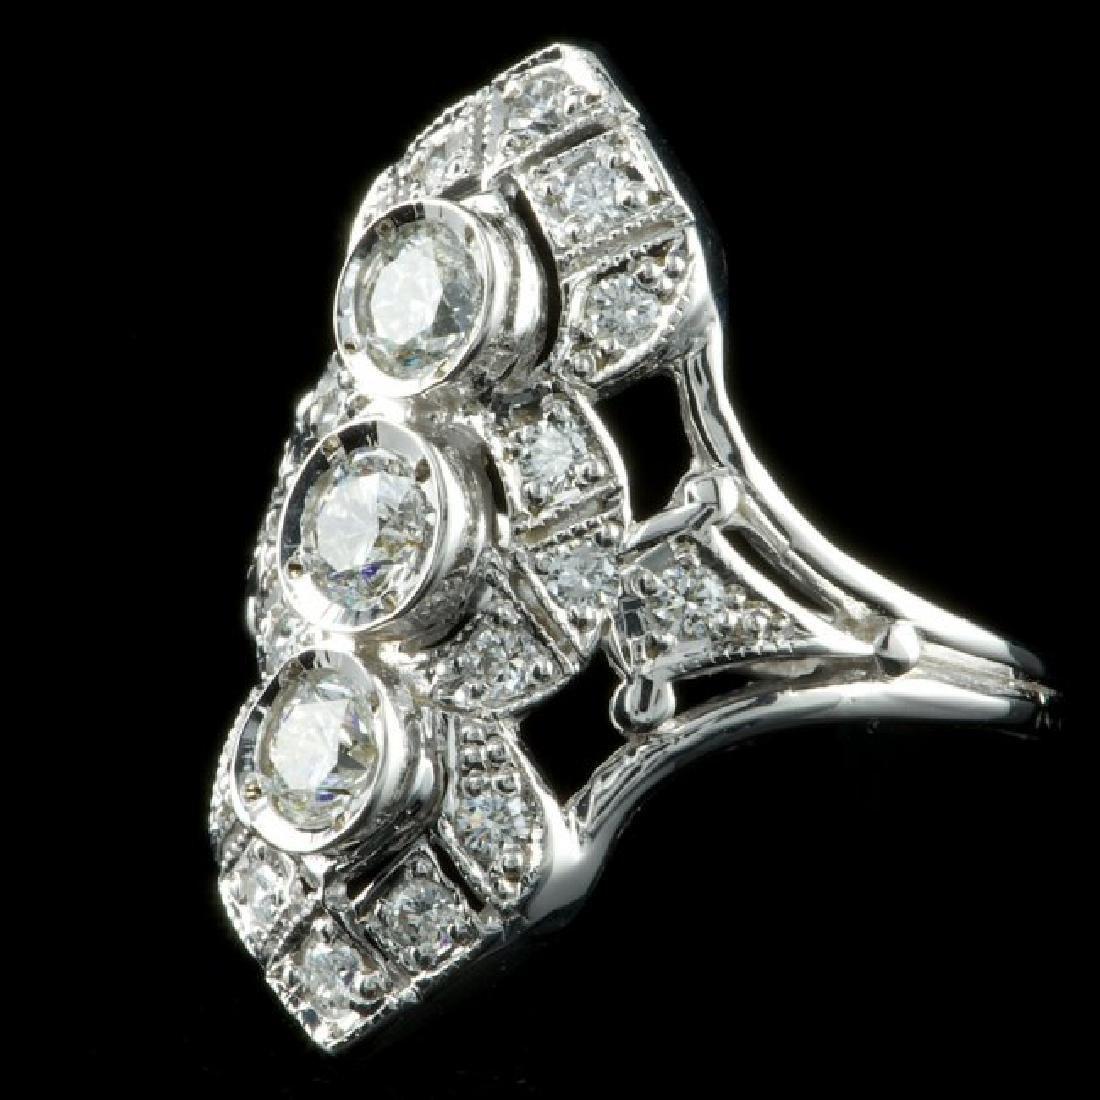 14k White Gold 1.50ct Diamond Ring - 2